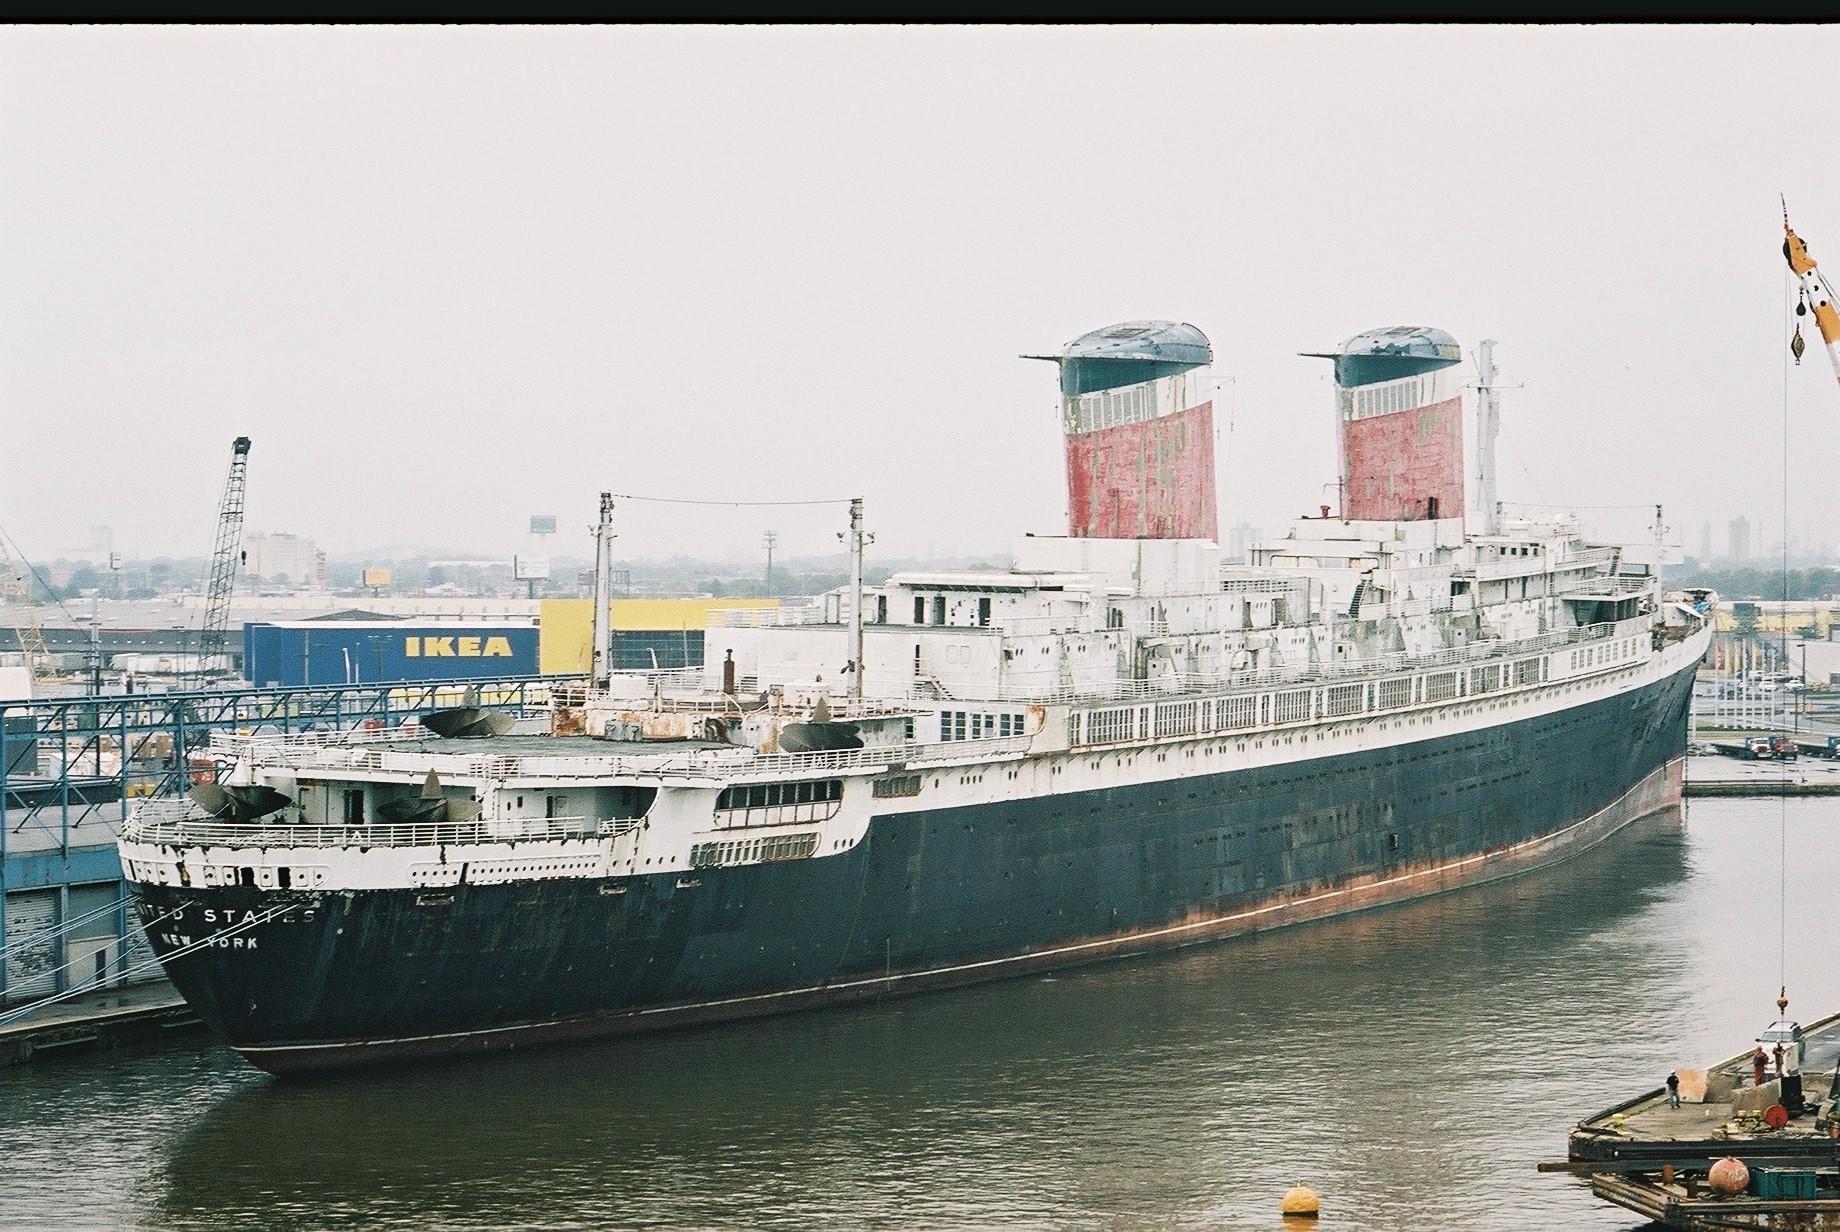 Het beroemde passagiersschip United States ligt te 'verslonzen' in Philadelphia.